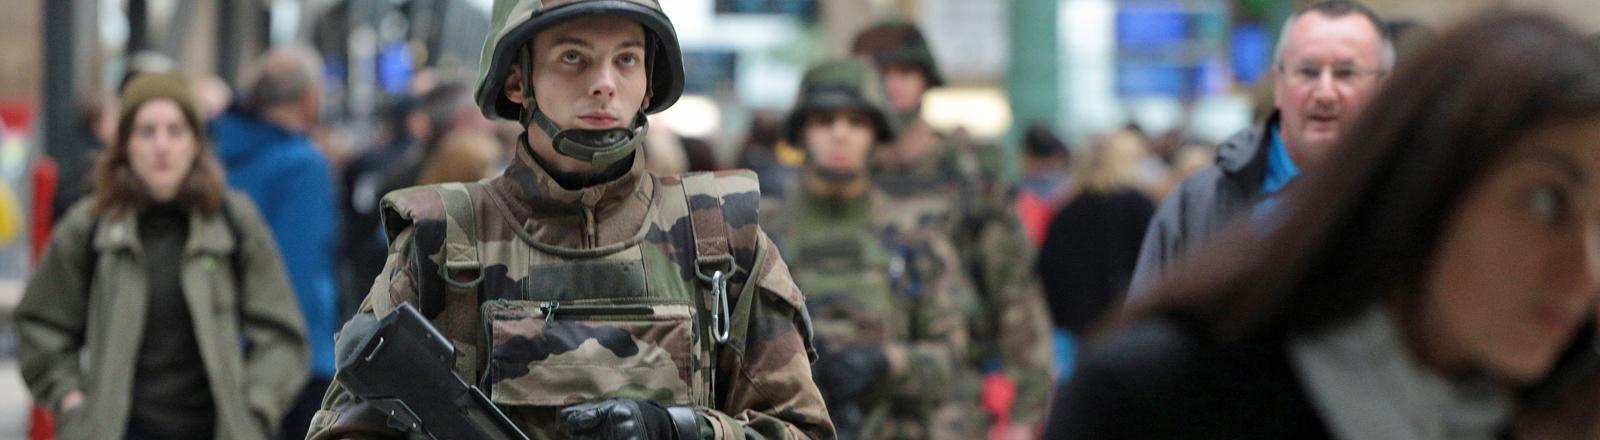 Französische Soldaten patroullieren am 18.11.2015 am Gare du Nord in Paris.